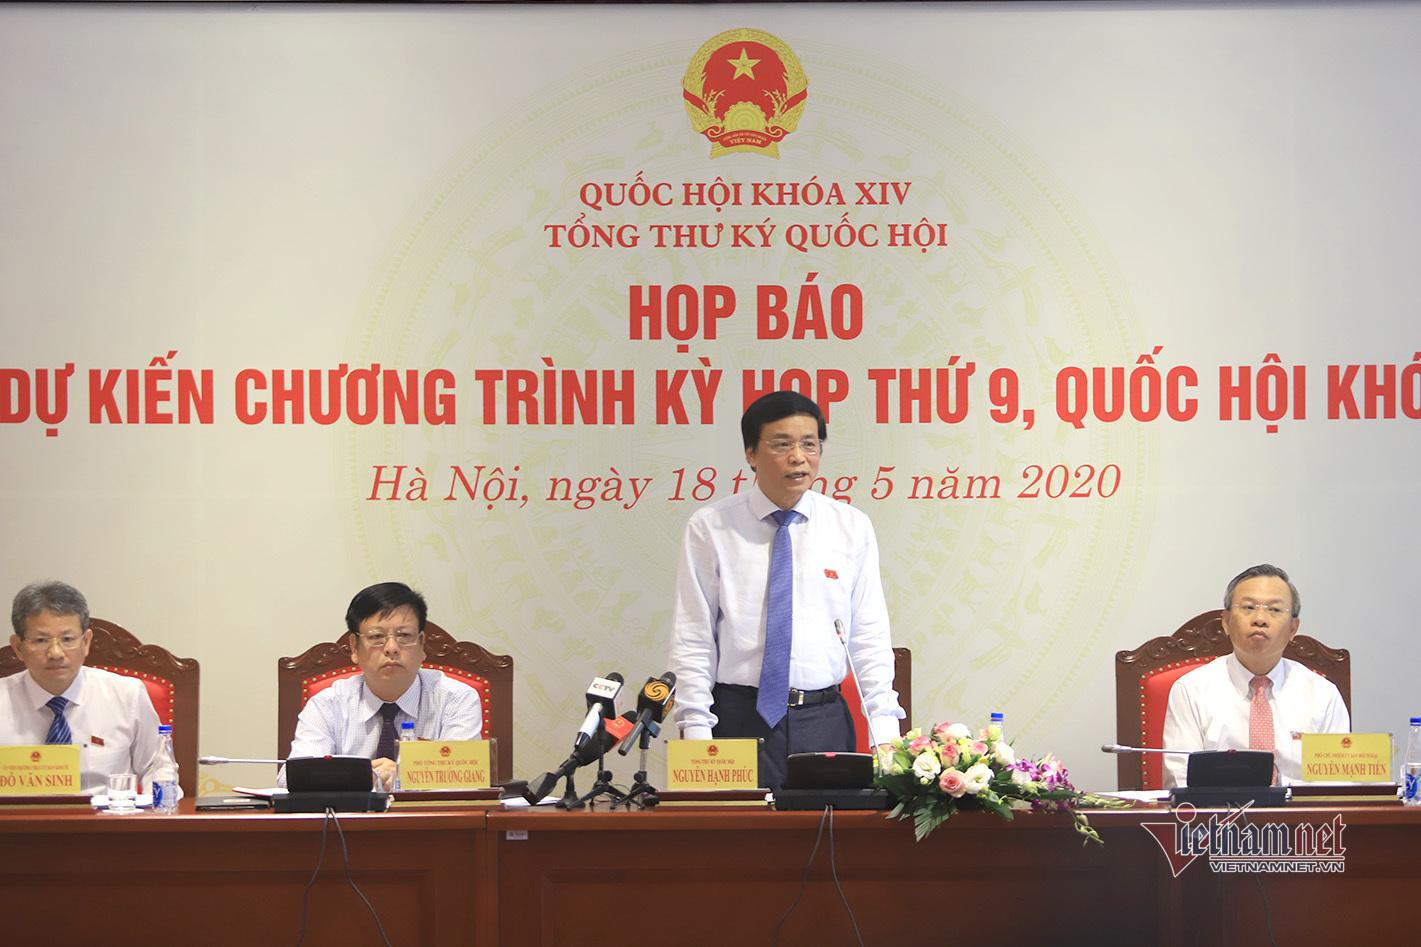 Miễn nhiệm bà Nguyễn Thanh Hải để làm nhiệm vụ mới